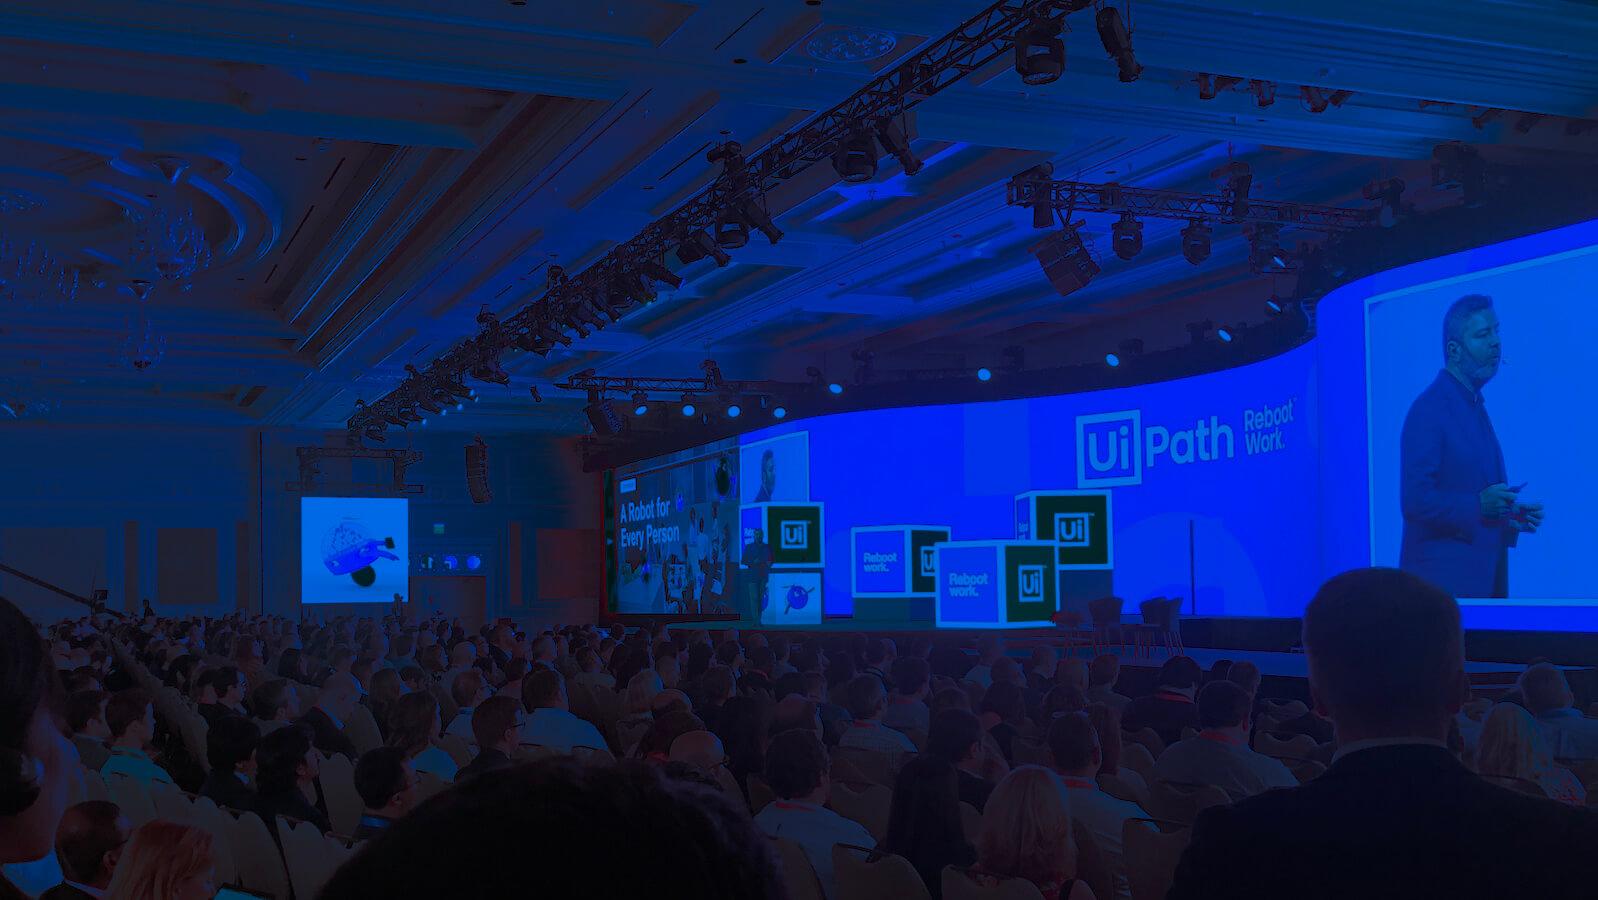 Daniel Dines FORWARD III Keynote Presentation Highlights   UiPath